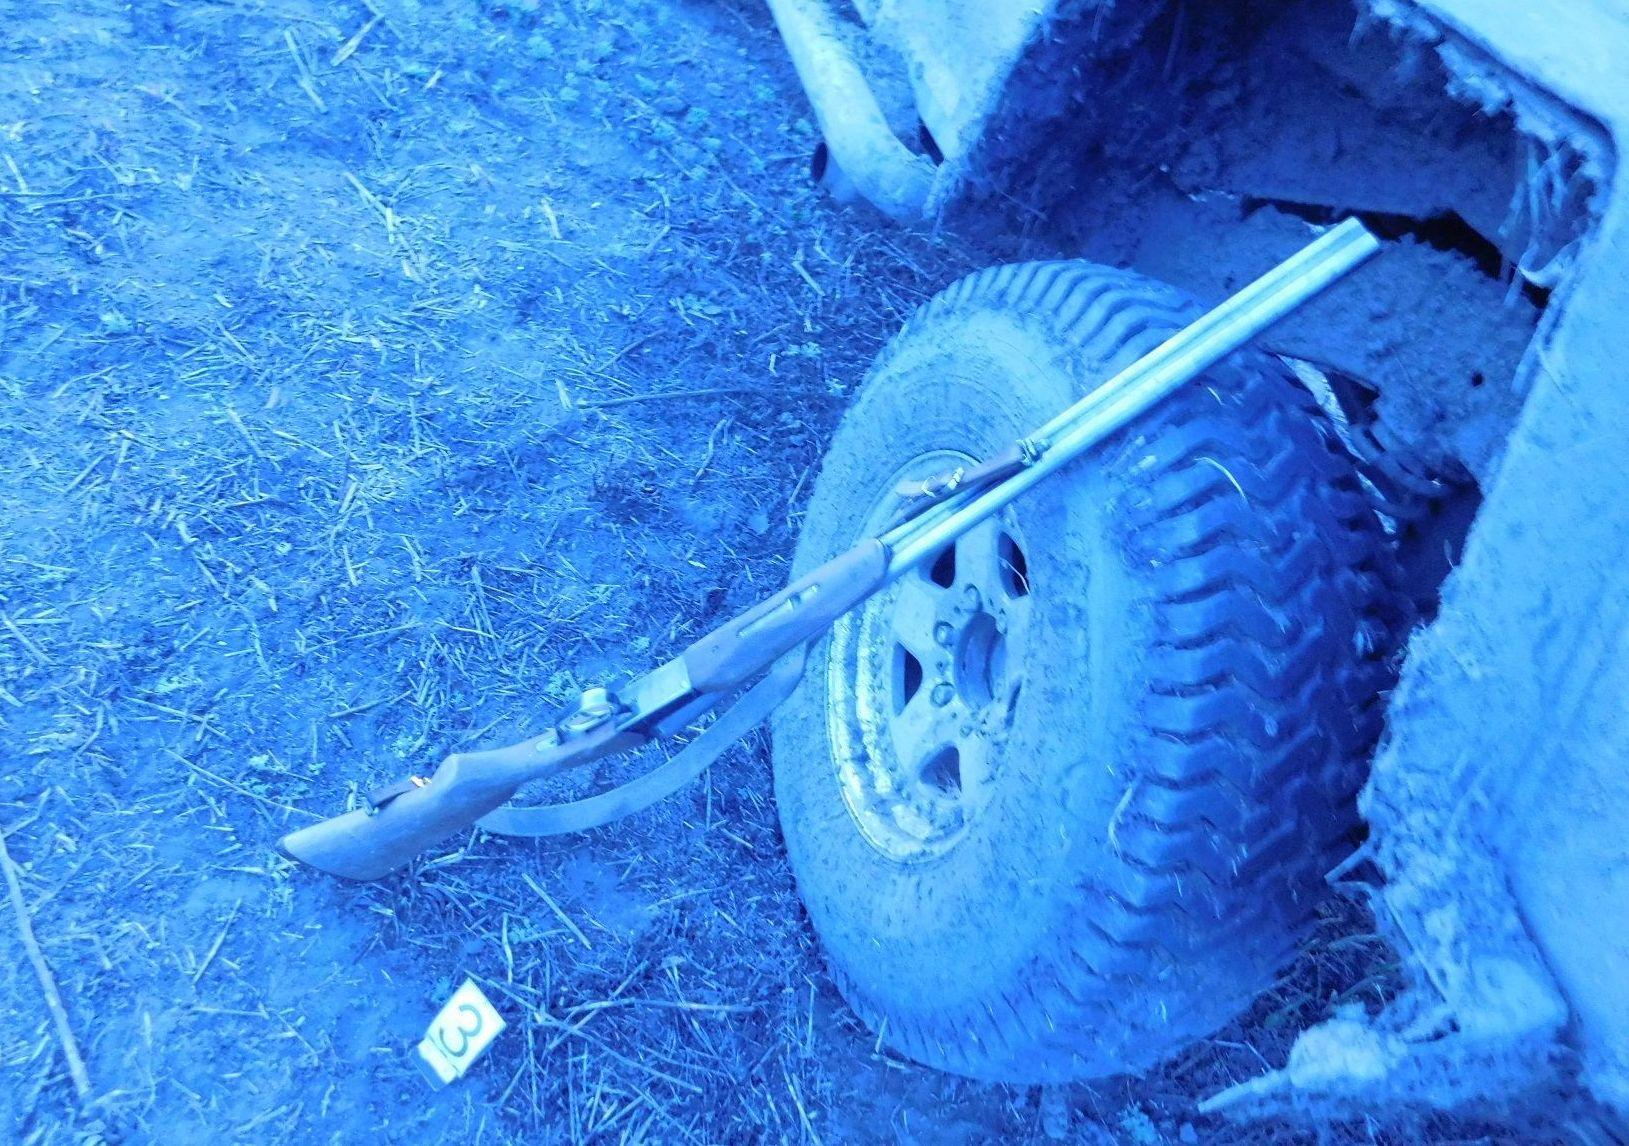 Задержаны браконьеры, застрелившие краснокнижных лебедей-кликунов